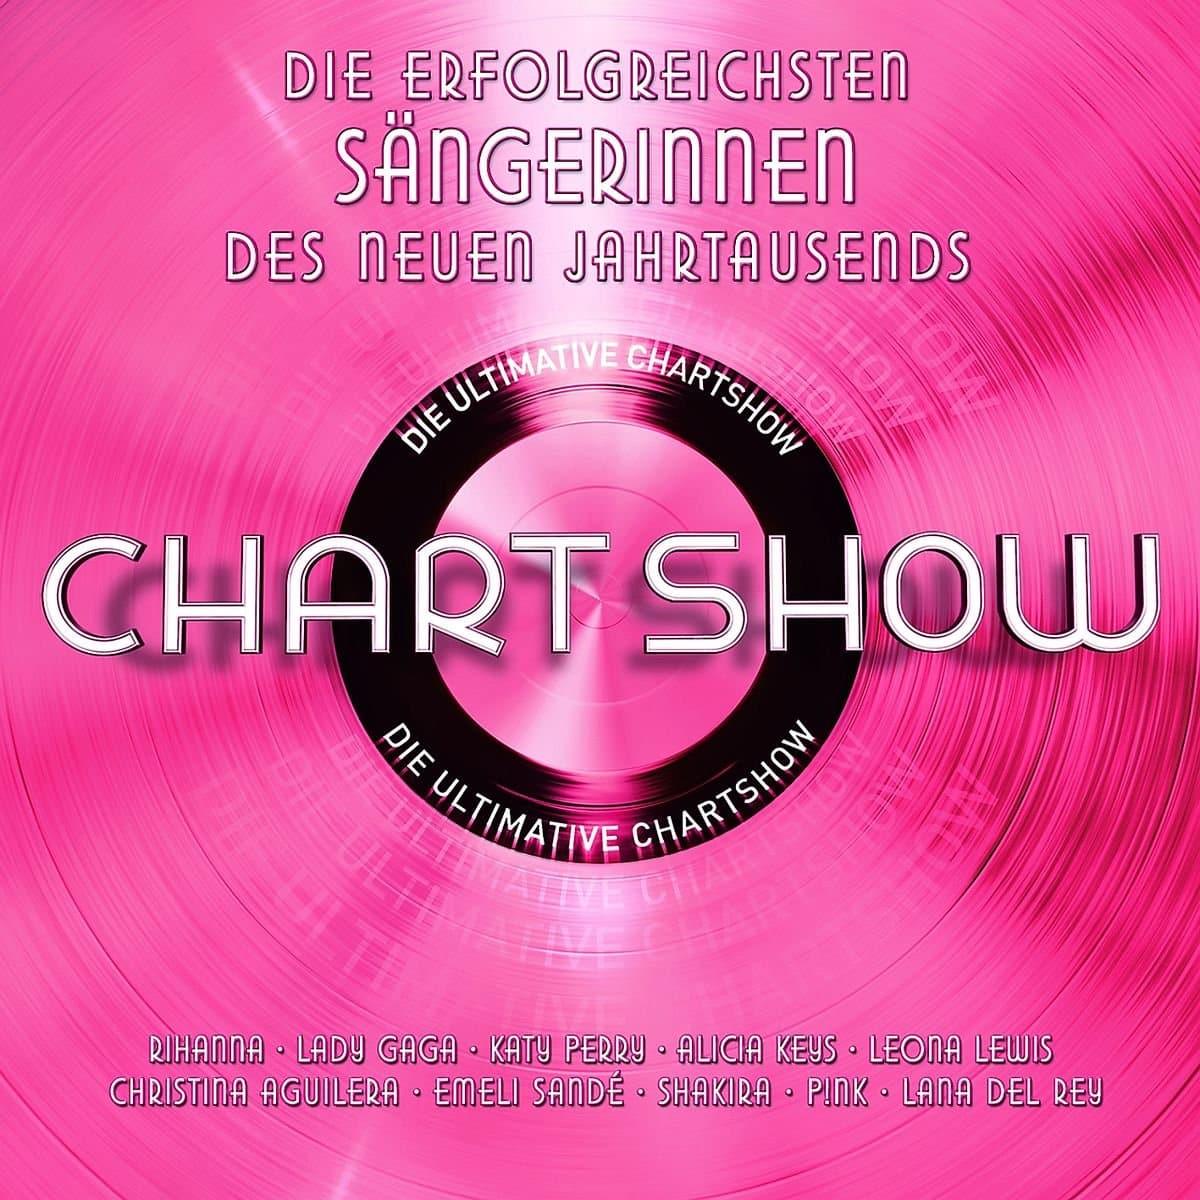 Die-ultimative-Chartshow-Die-erfolgreichsten-Alben-am-08-01-bei-RTL